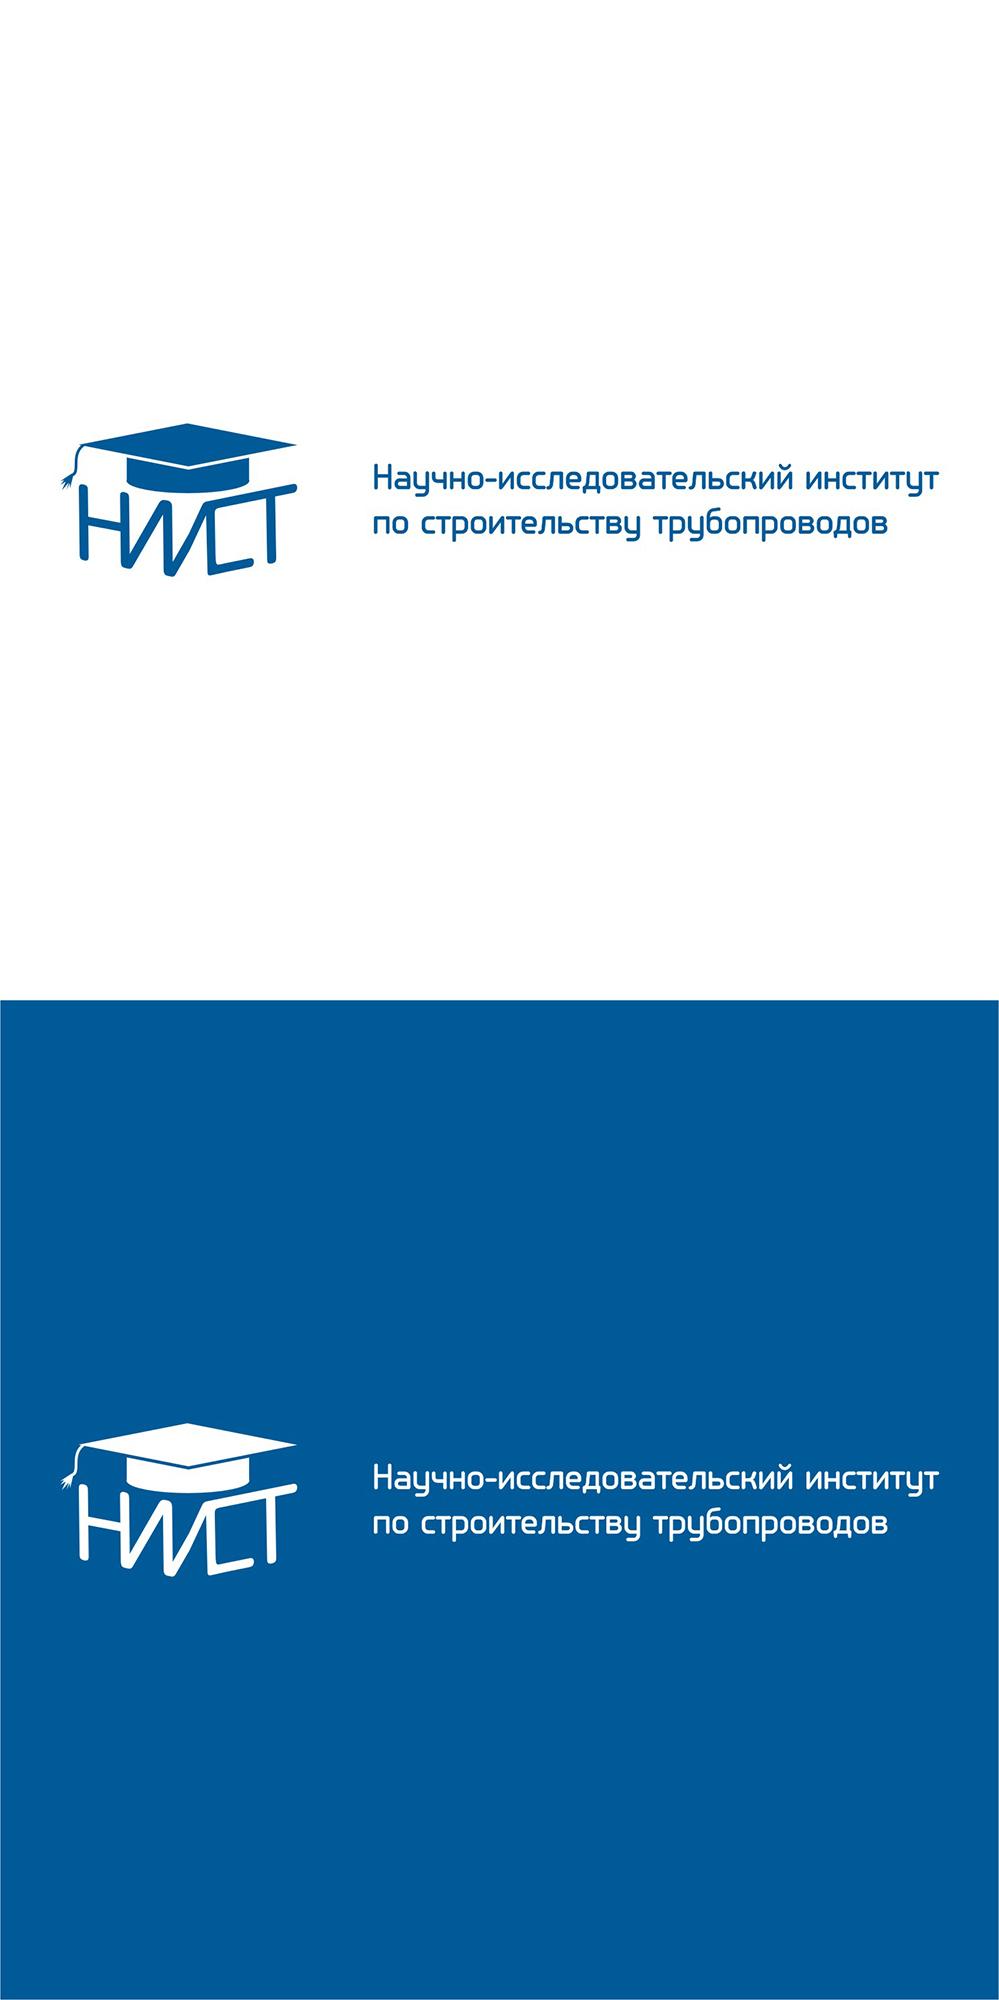 Разработка логотипа фото f_9605ba49866dc4e7.jpg